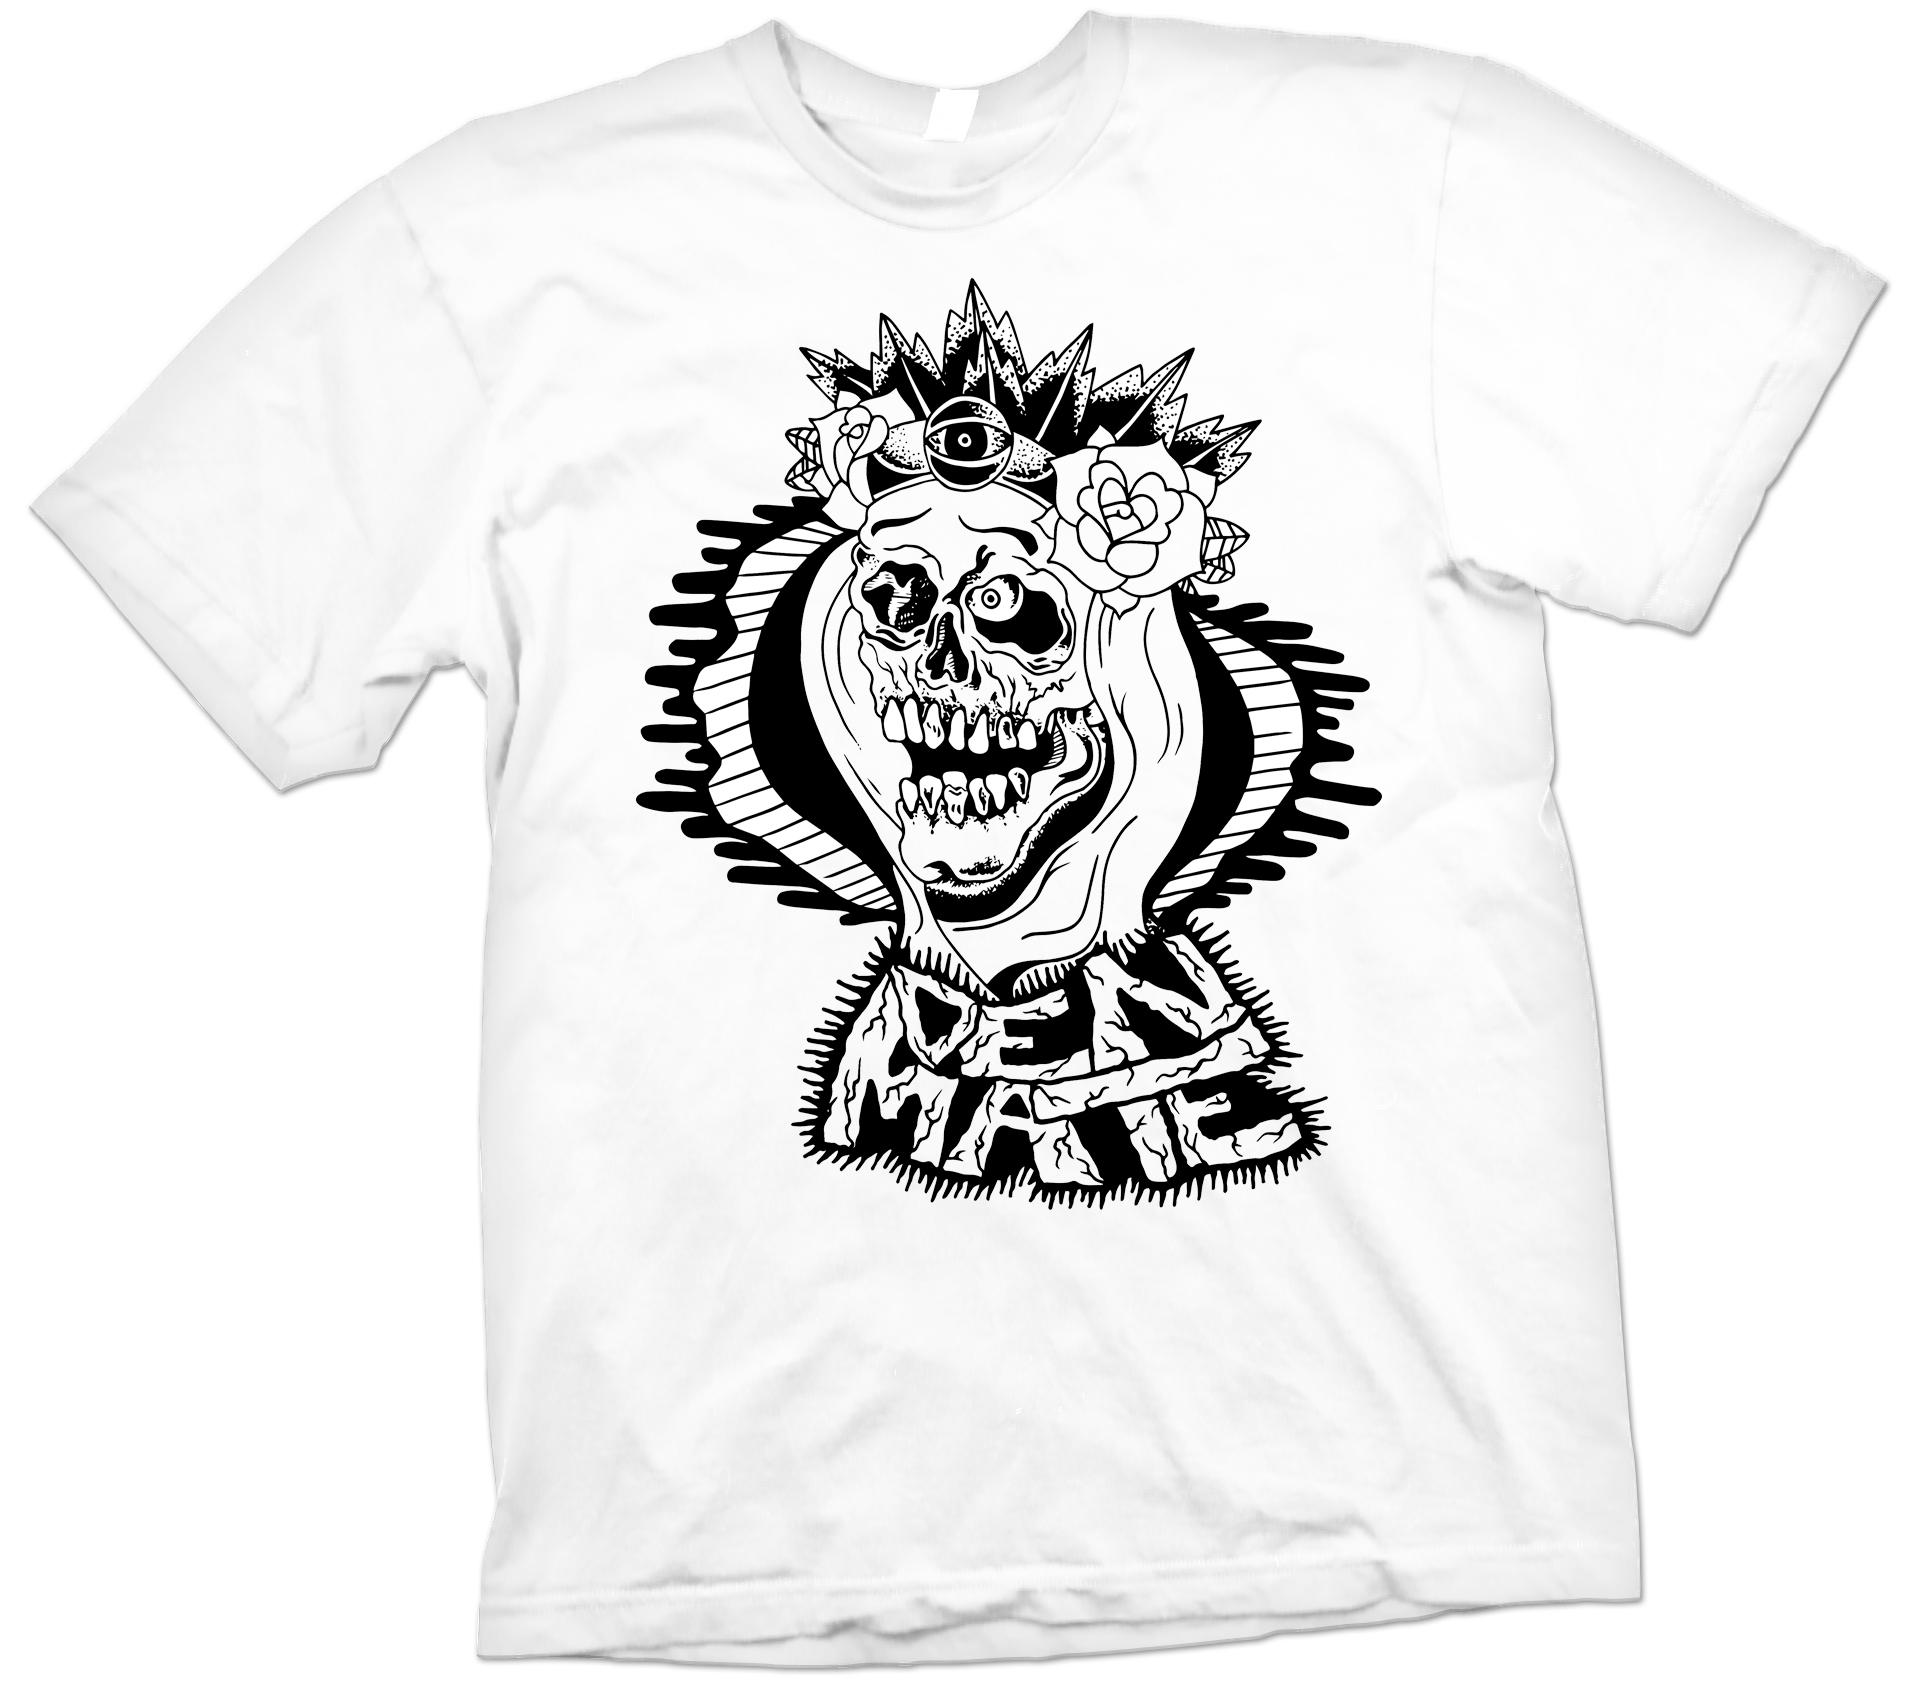 Den-Mate Shirt *SOLD OUT*